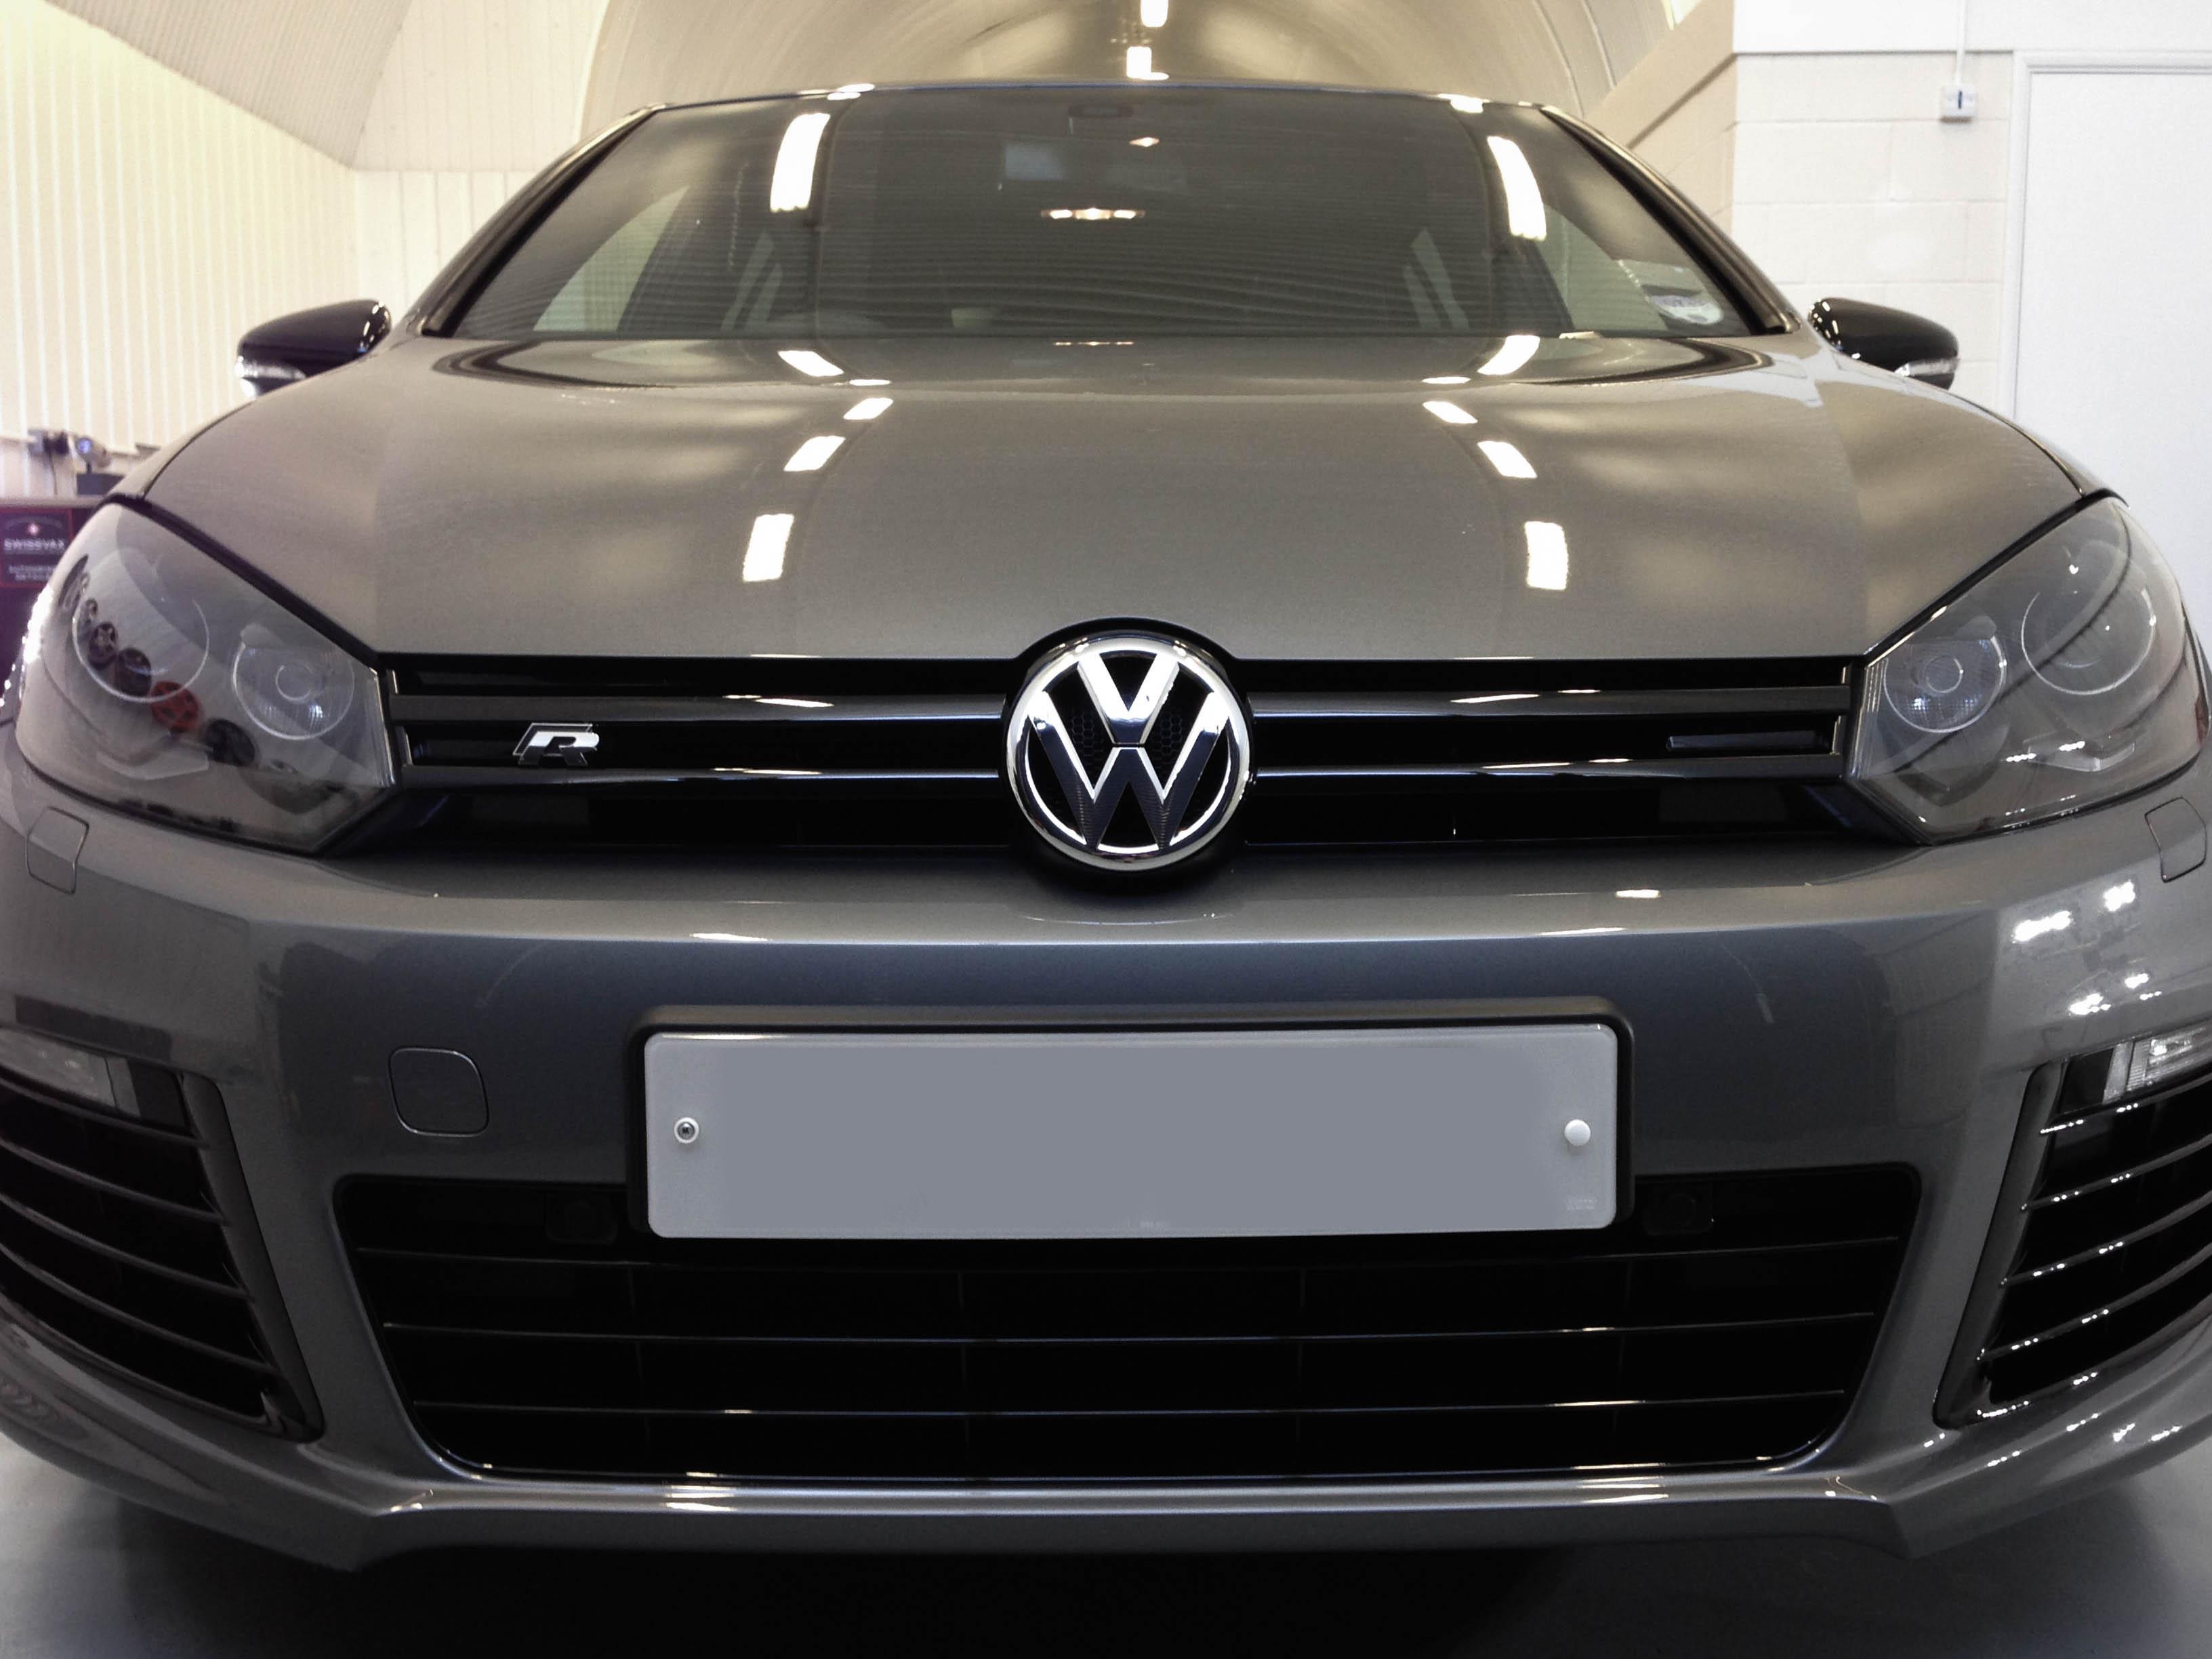 VW-Golf-R-head